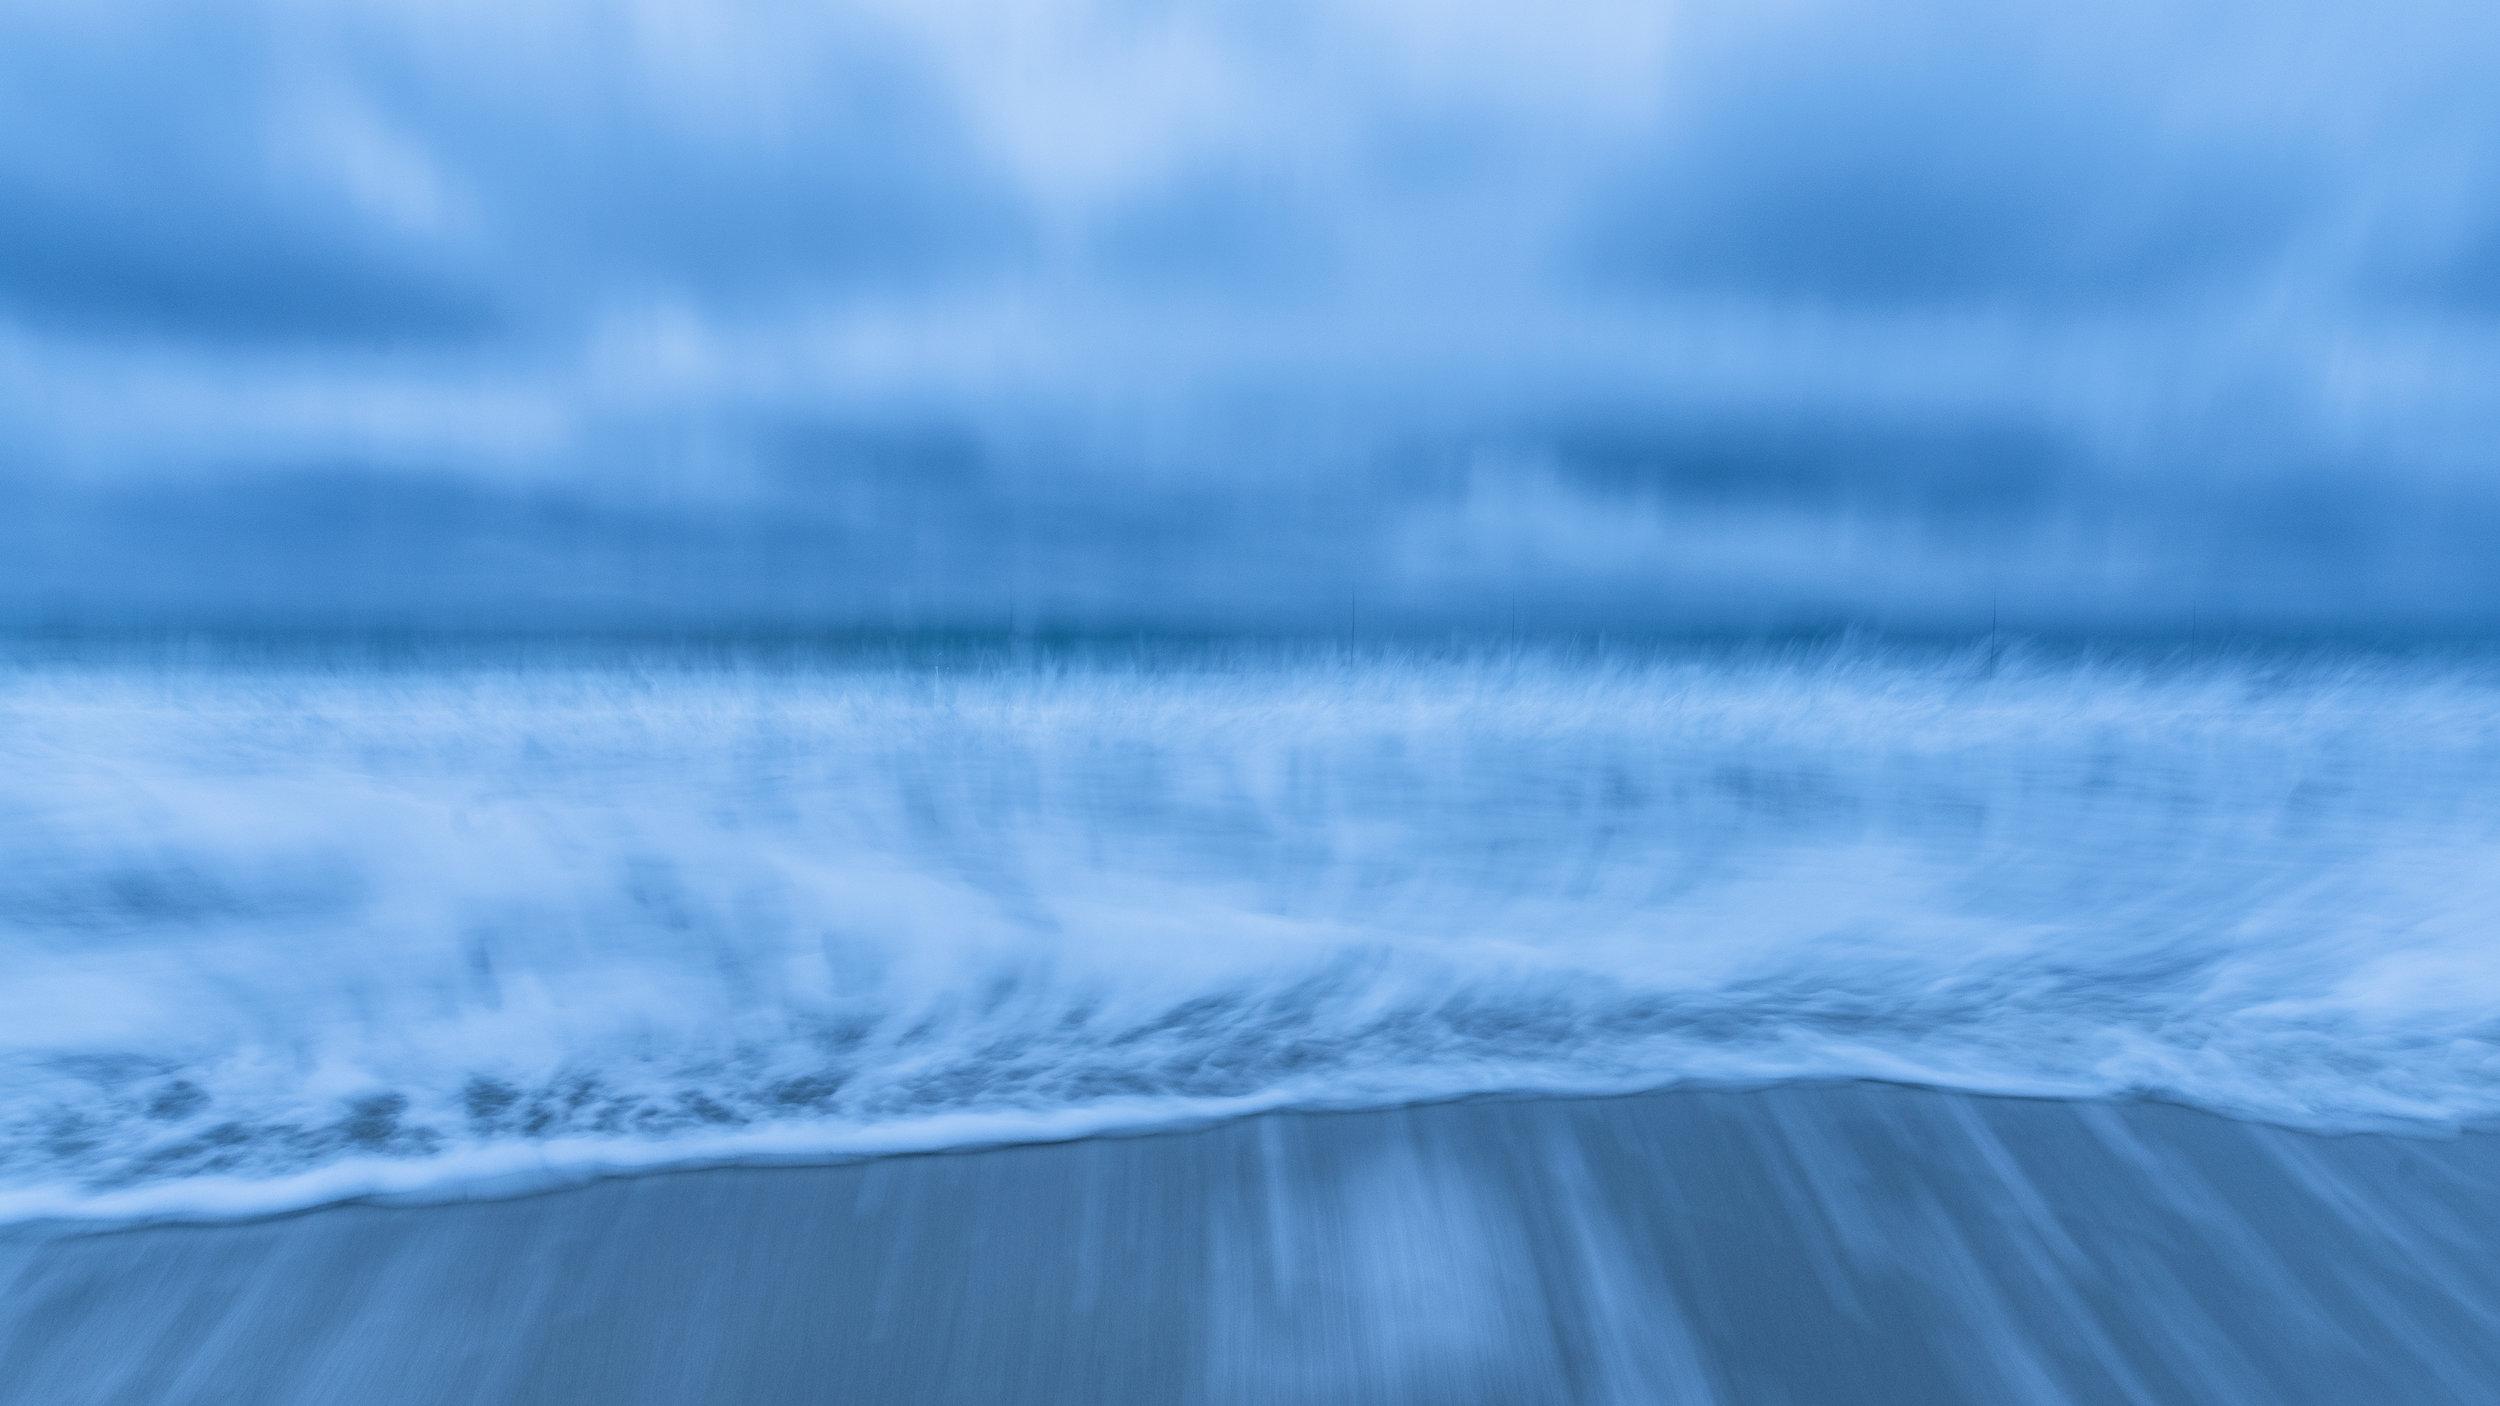 Waves at Bleik-DSC_0842-©Bjørn Joachimsen.jpg